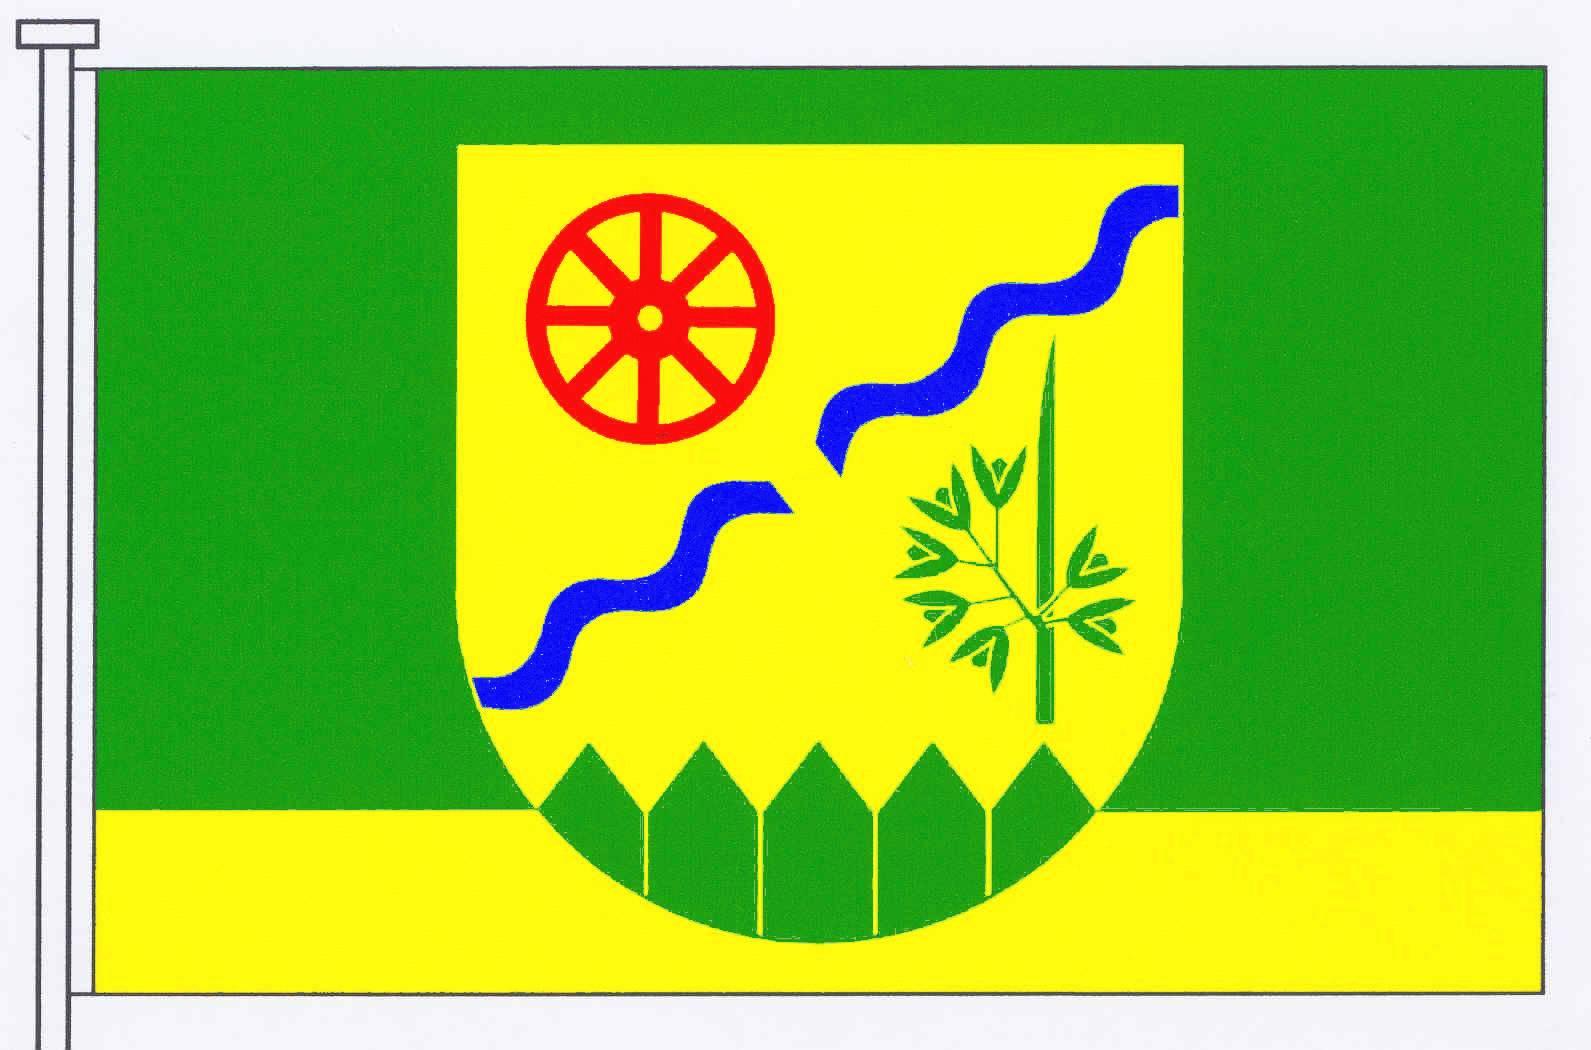 Flagge GemeindeWapelfeld, Kreis Rendsburg-Eckernförde